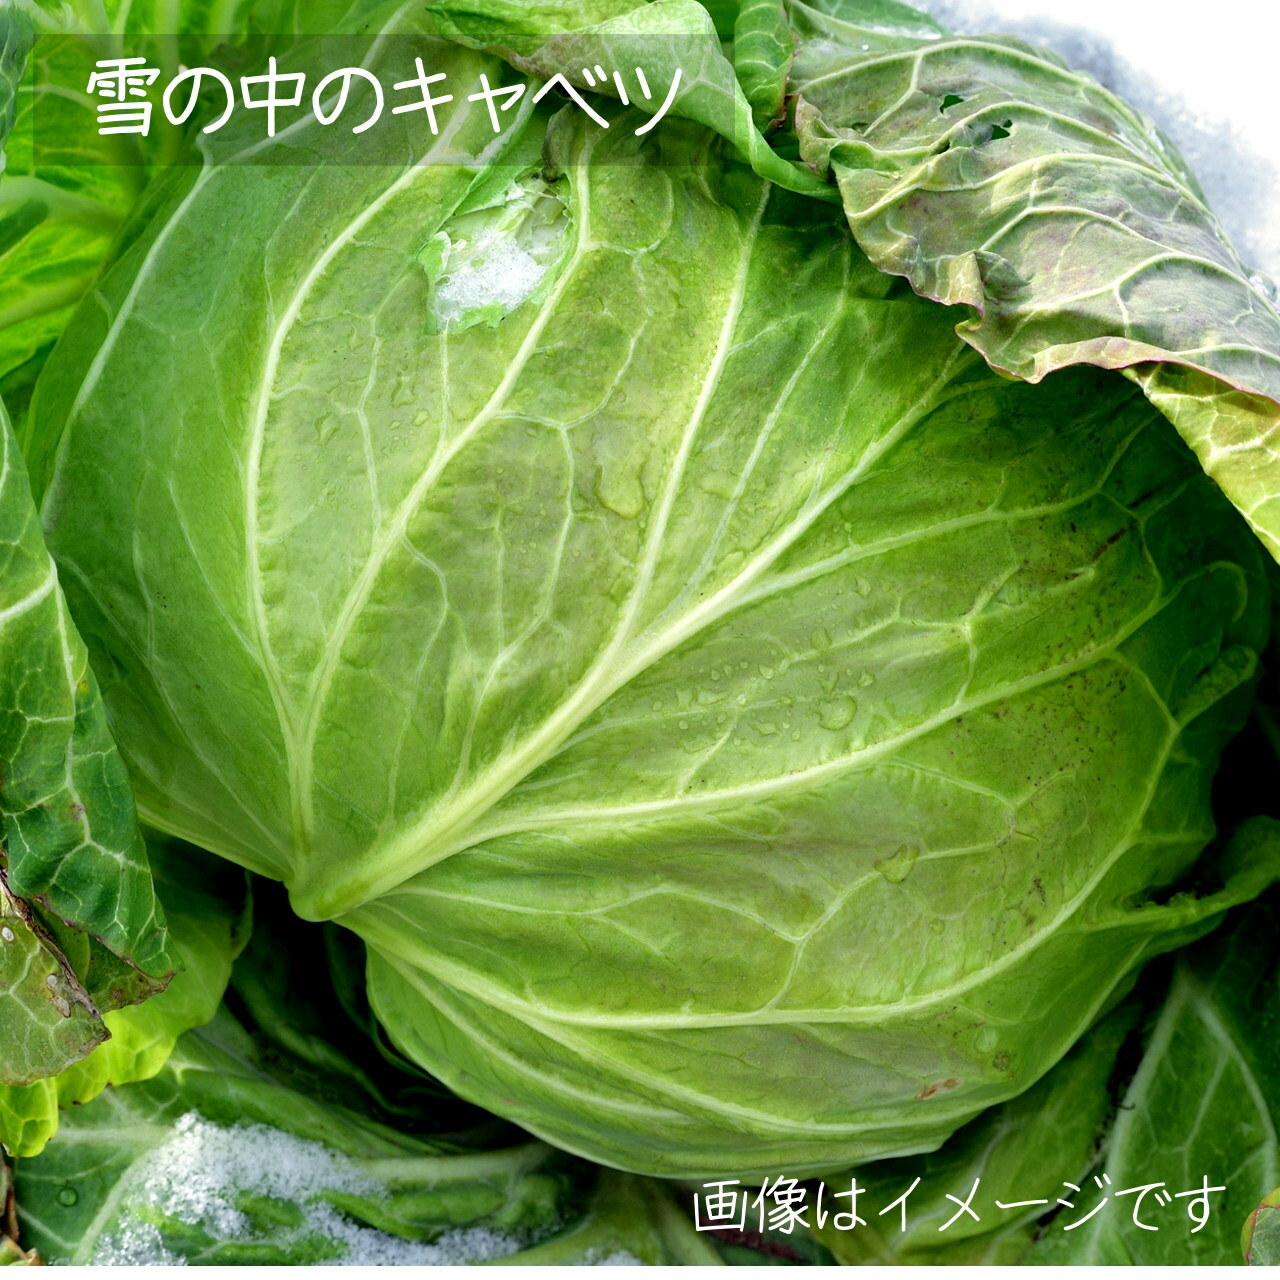 7月新鮮野菜 : キャベツ 1個 朝採り直売野菜 7月17日発送予定